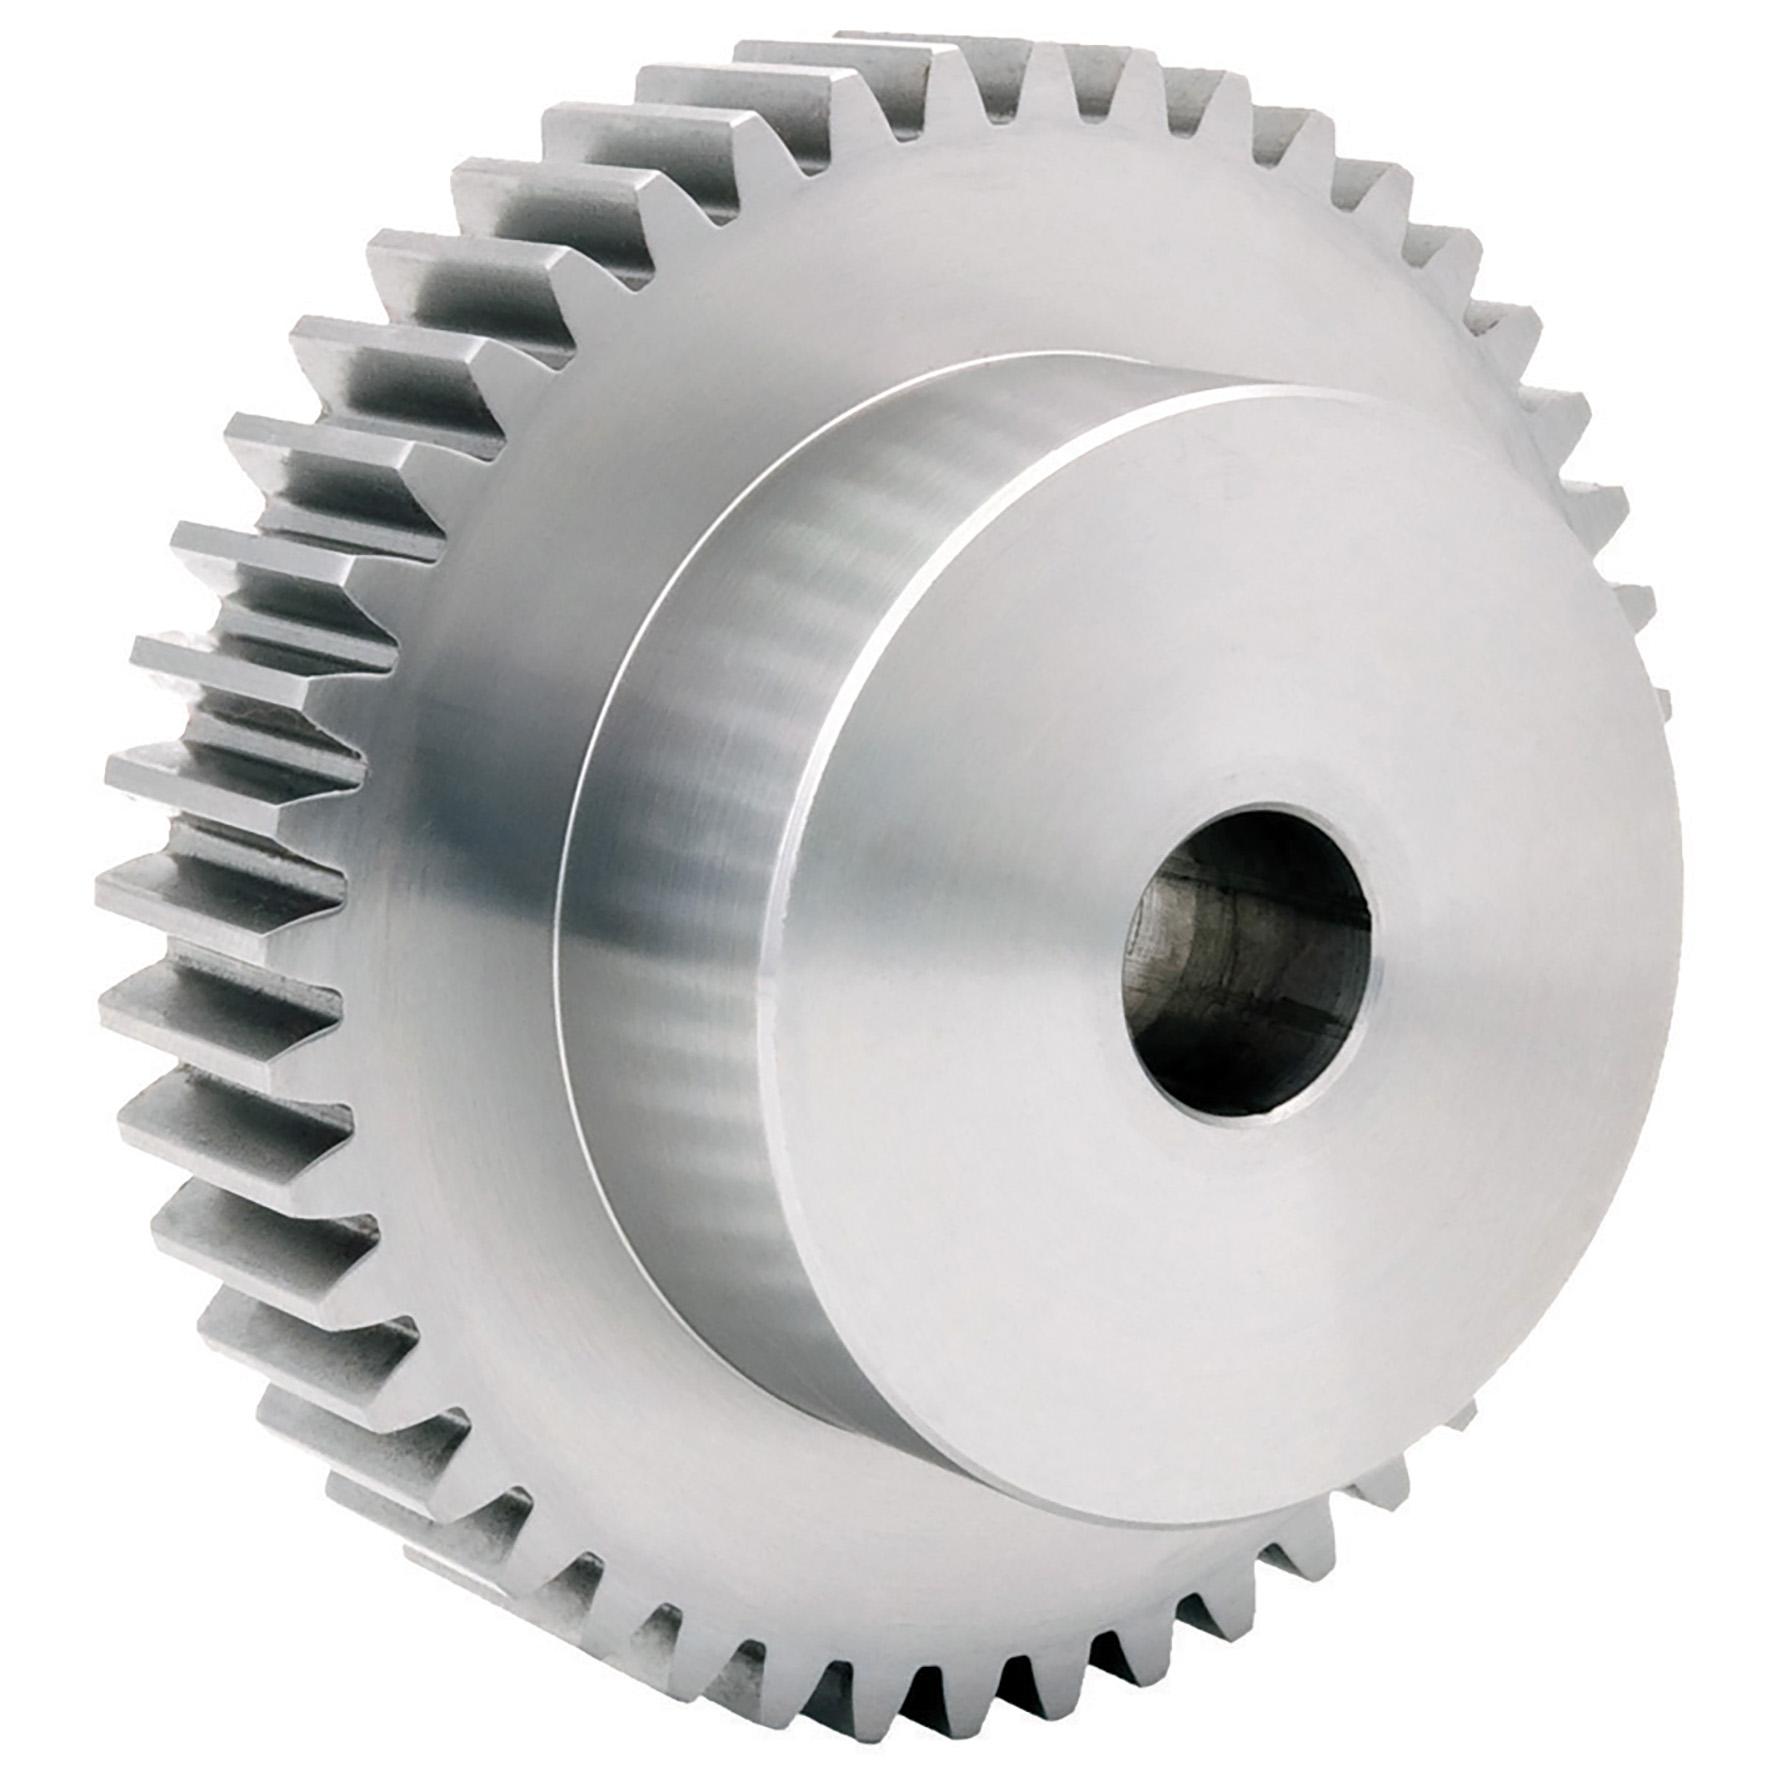 Engrenage droit de précision - Acier 35NCD6 prétraité - 2 - grade 7e25 DIN 3961